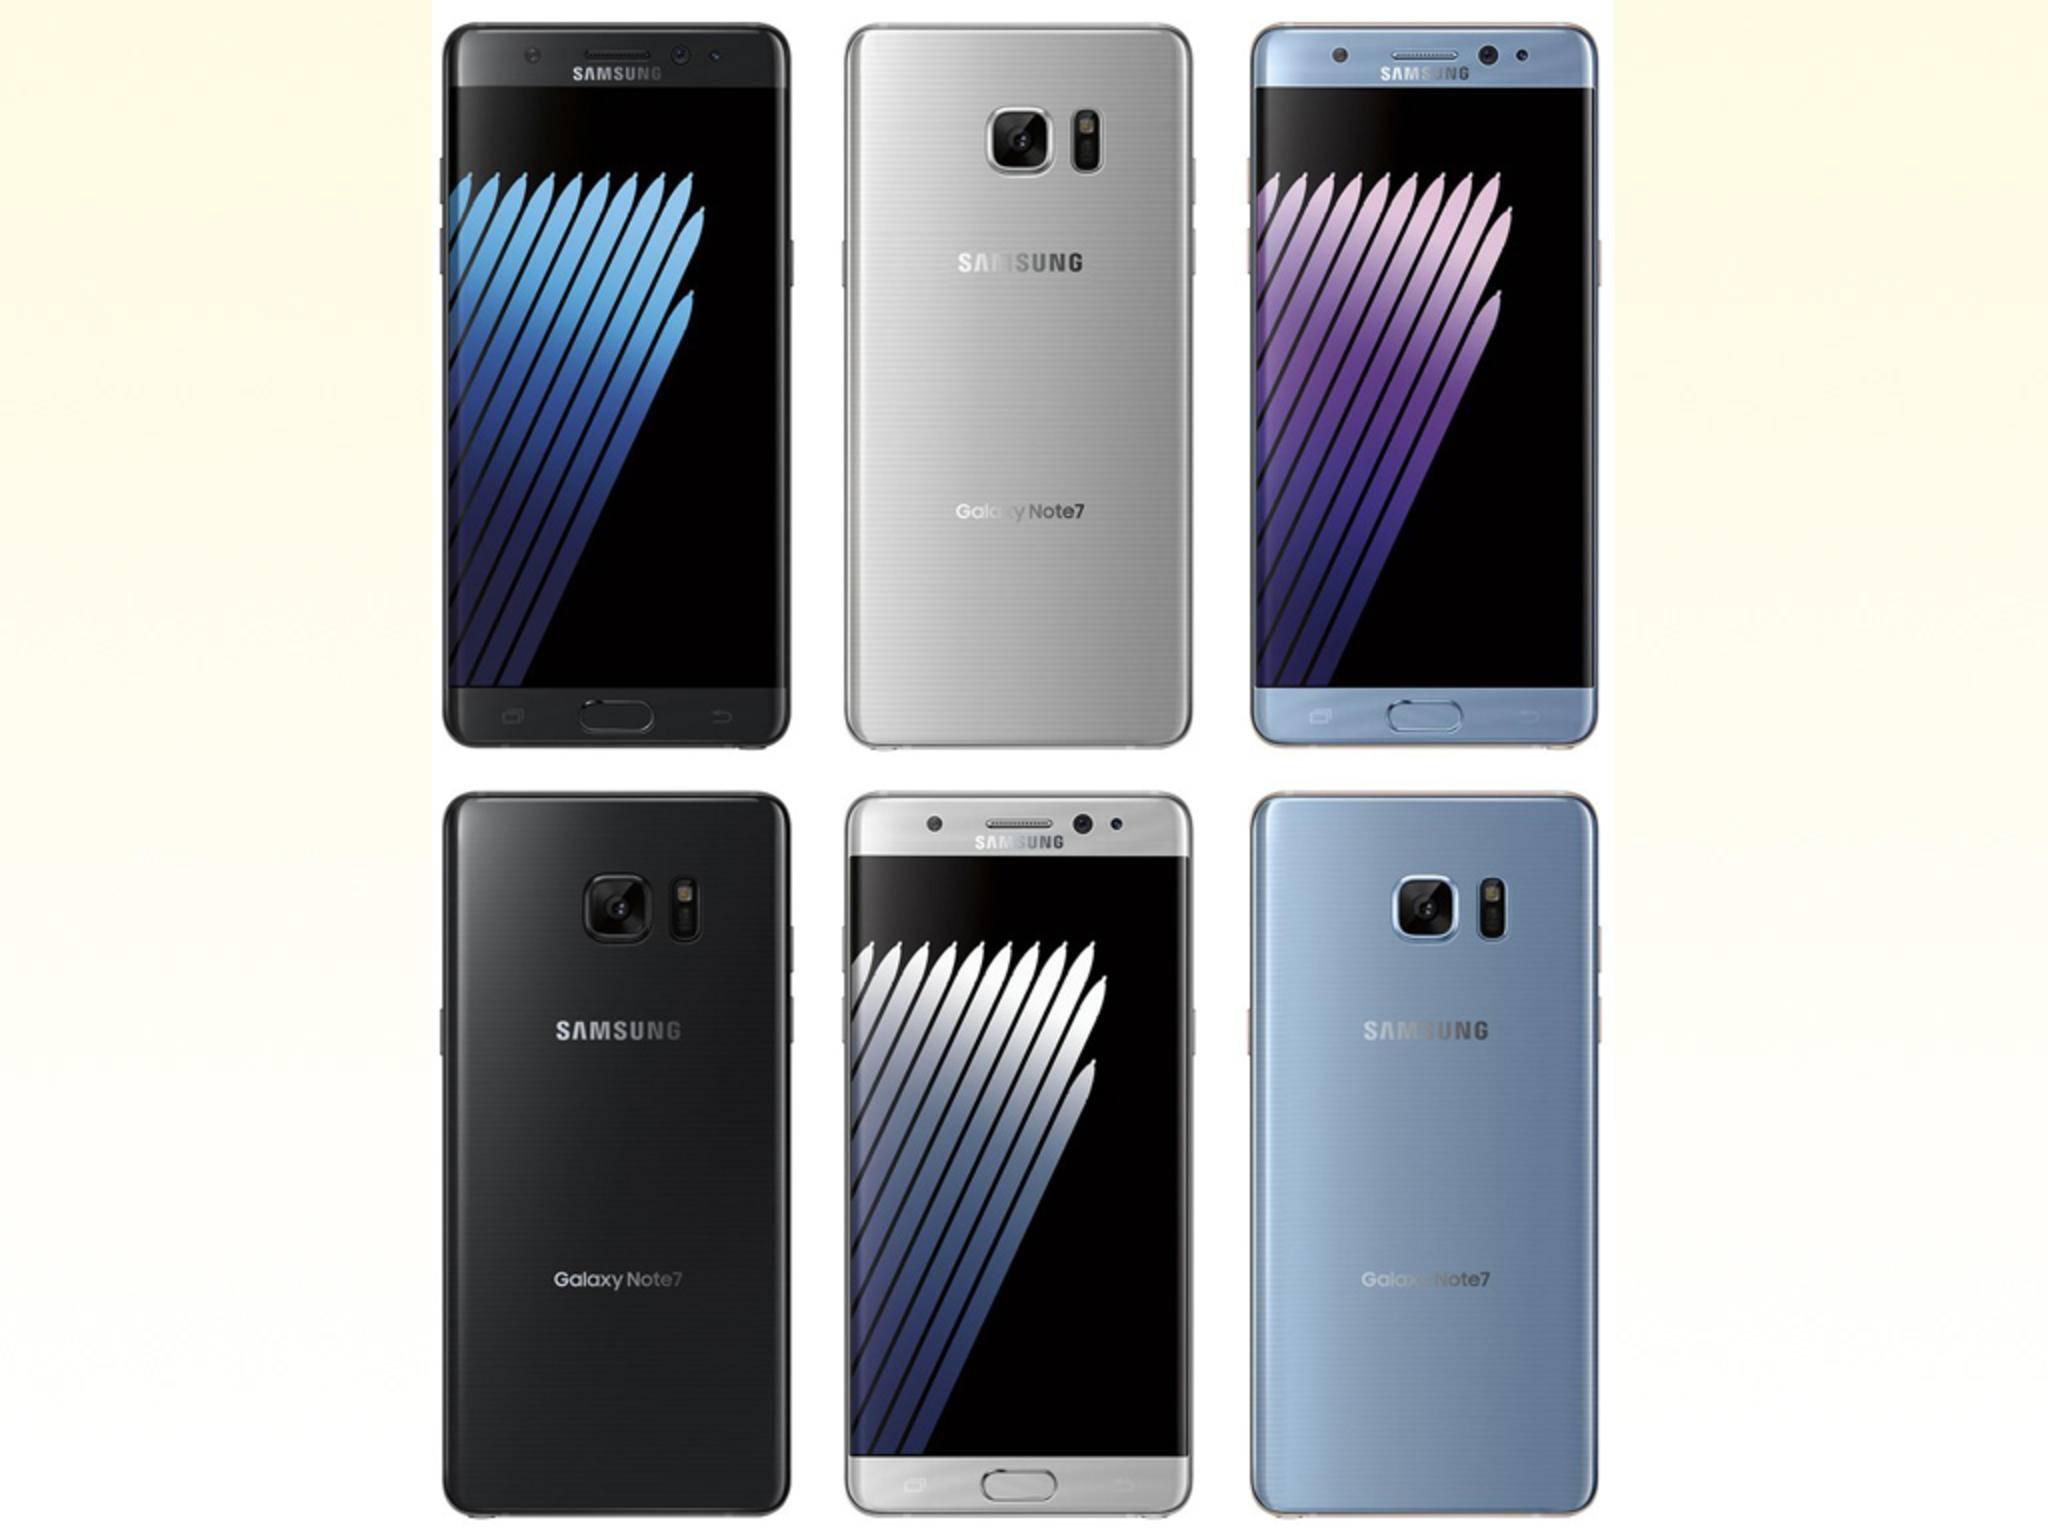 Galaxy Note 7: Gibt es eine Variante mit größerem Display?